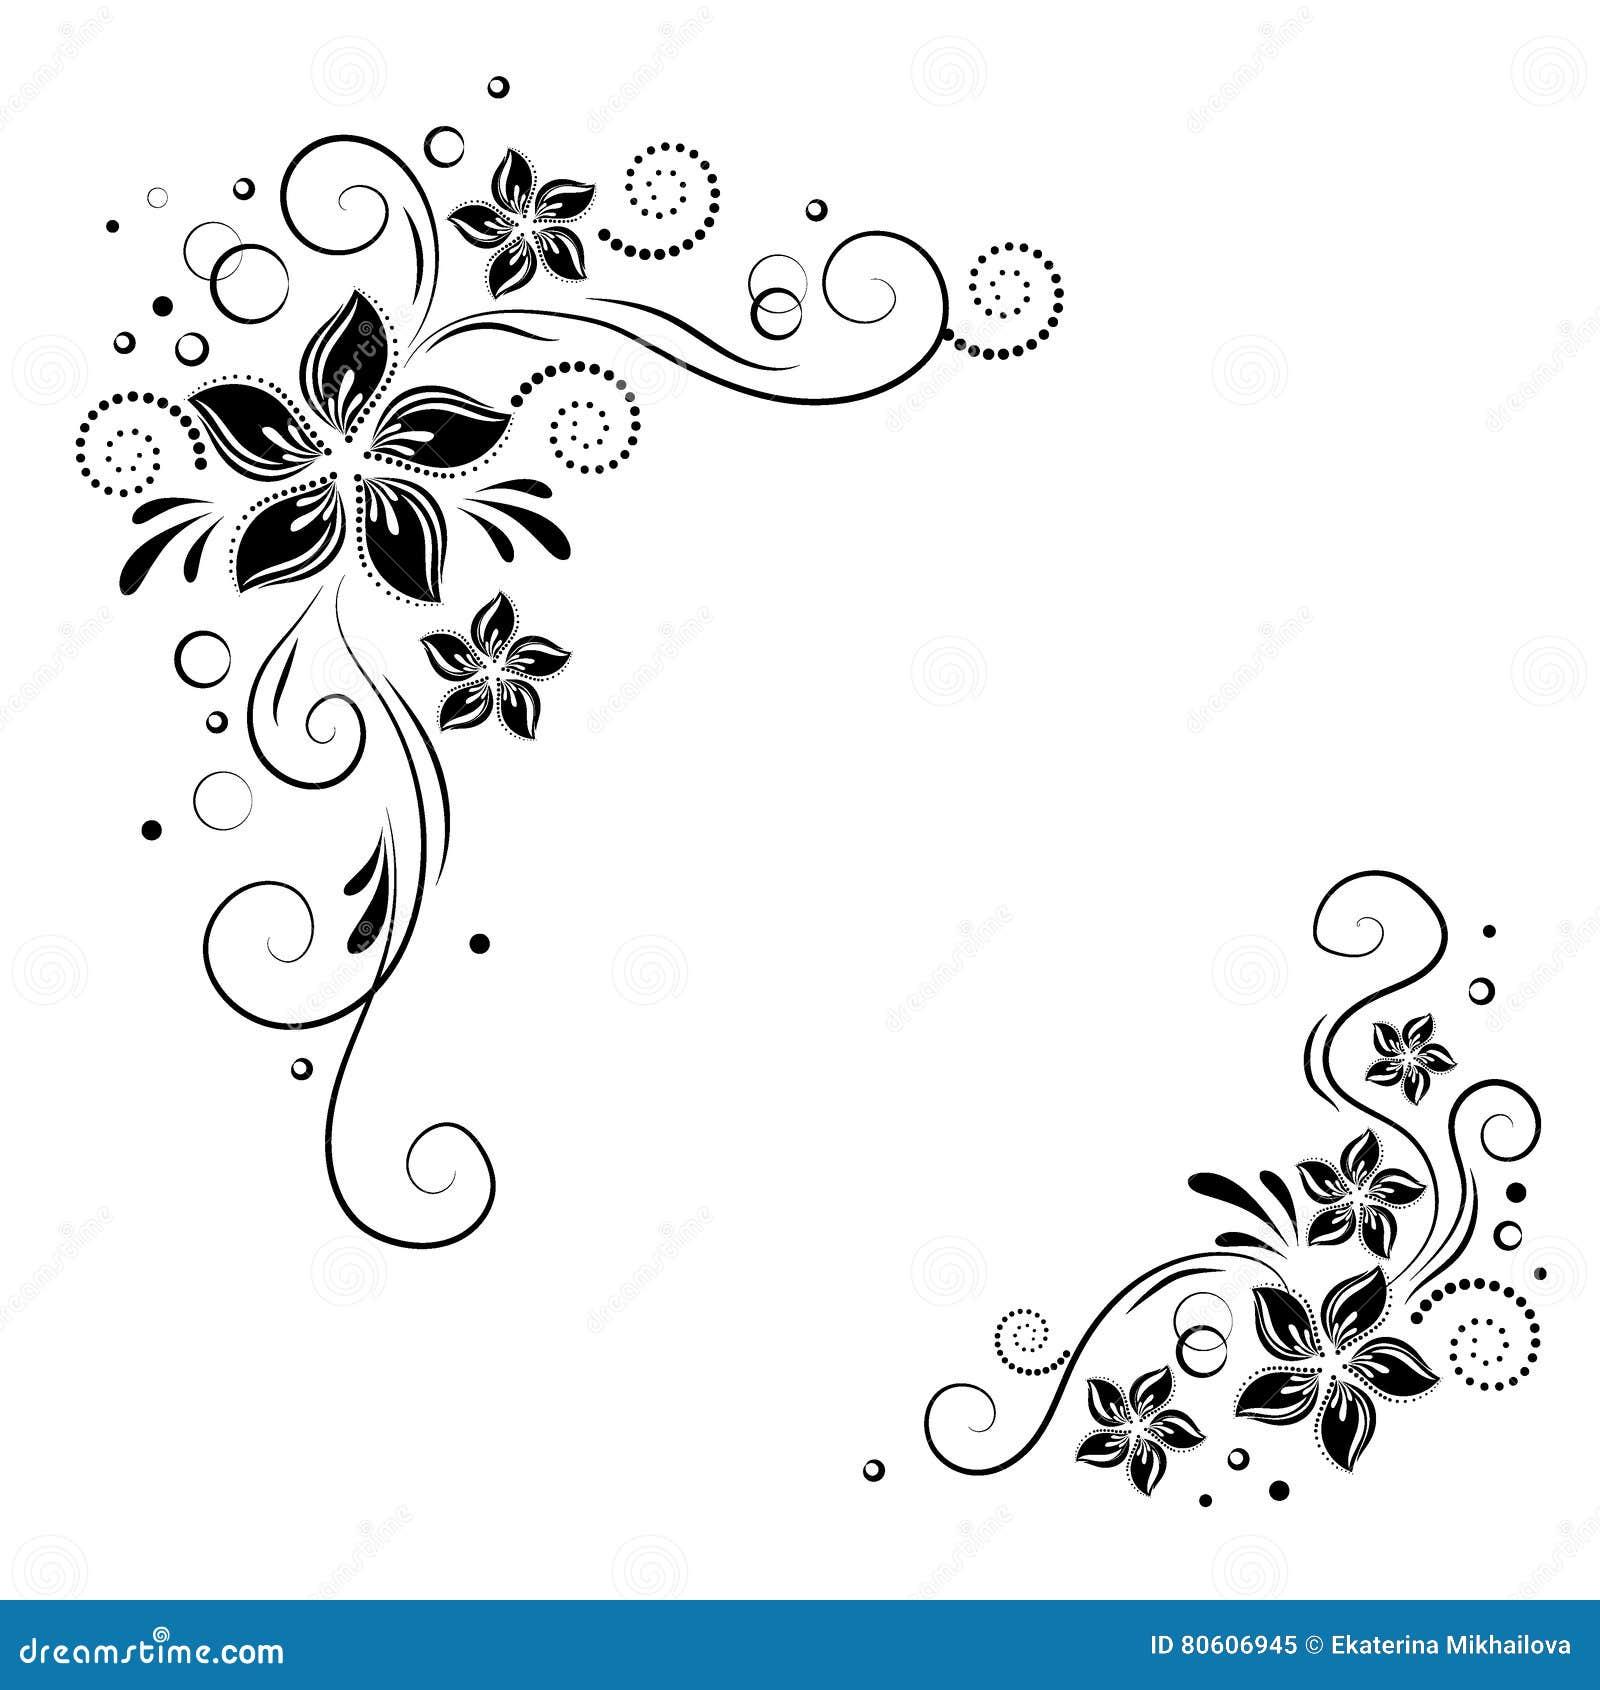 Diseno De La Esquina Floral Adorne Las Flores Negras En El Fondo